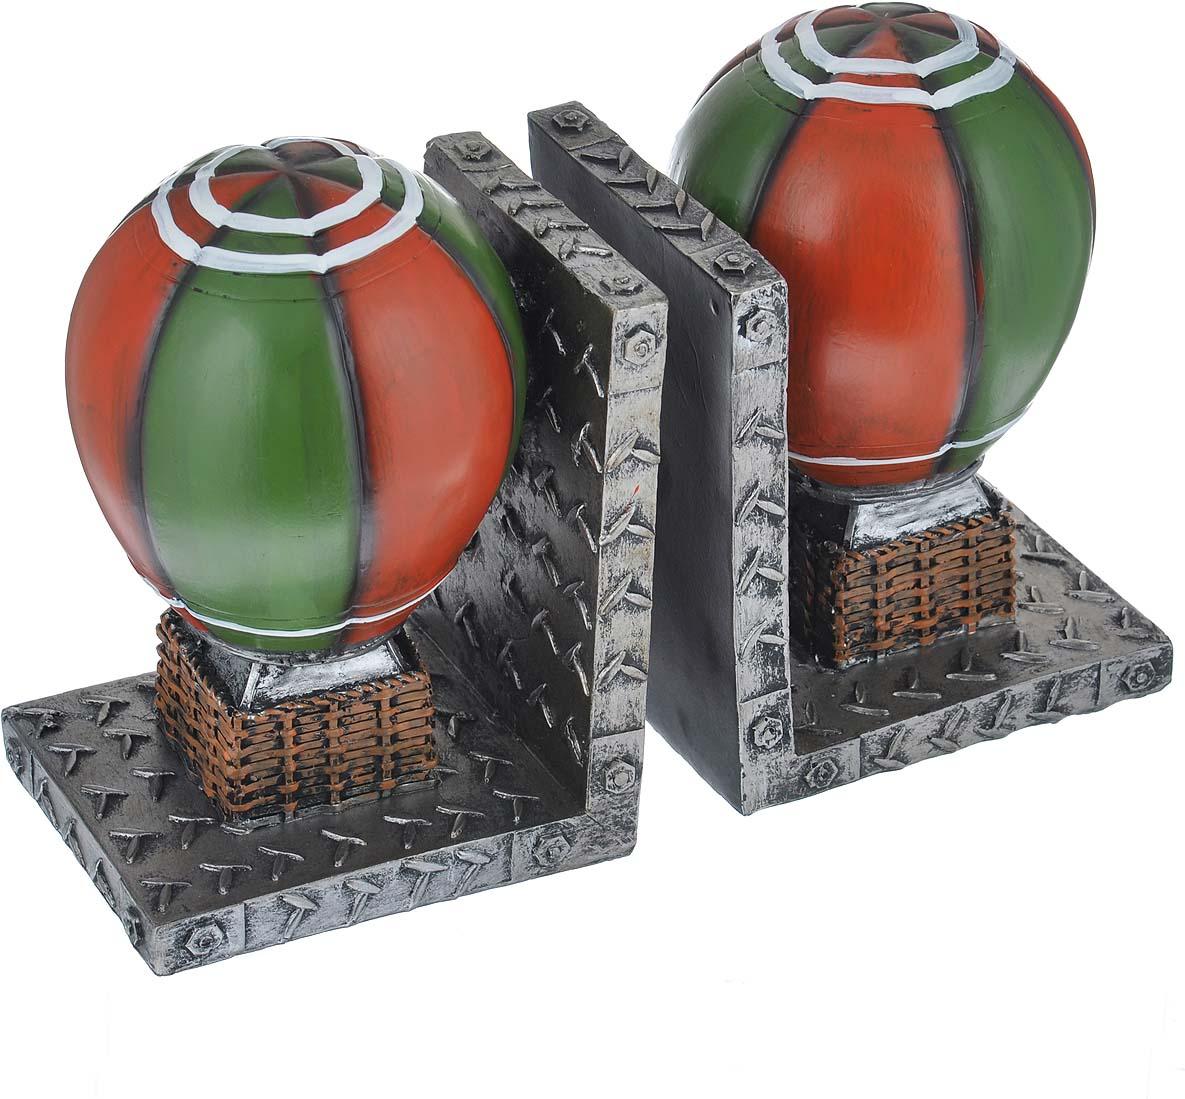 Подставка-ограничитель для книг Воздушный шар, 2 шт подставка ограничитель для книг штурман 2 шт